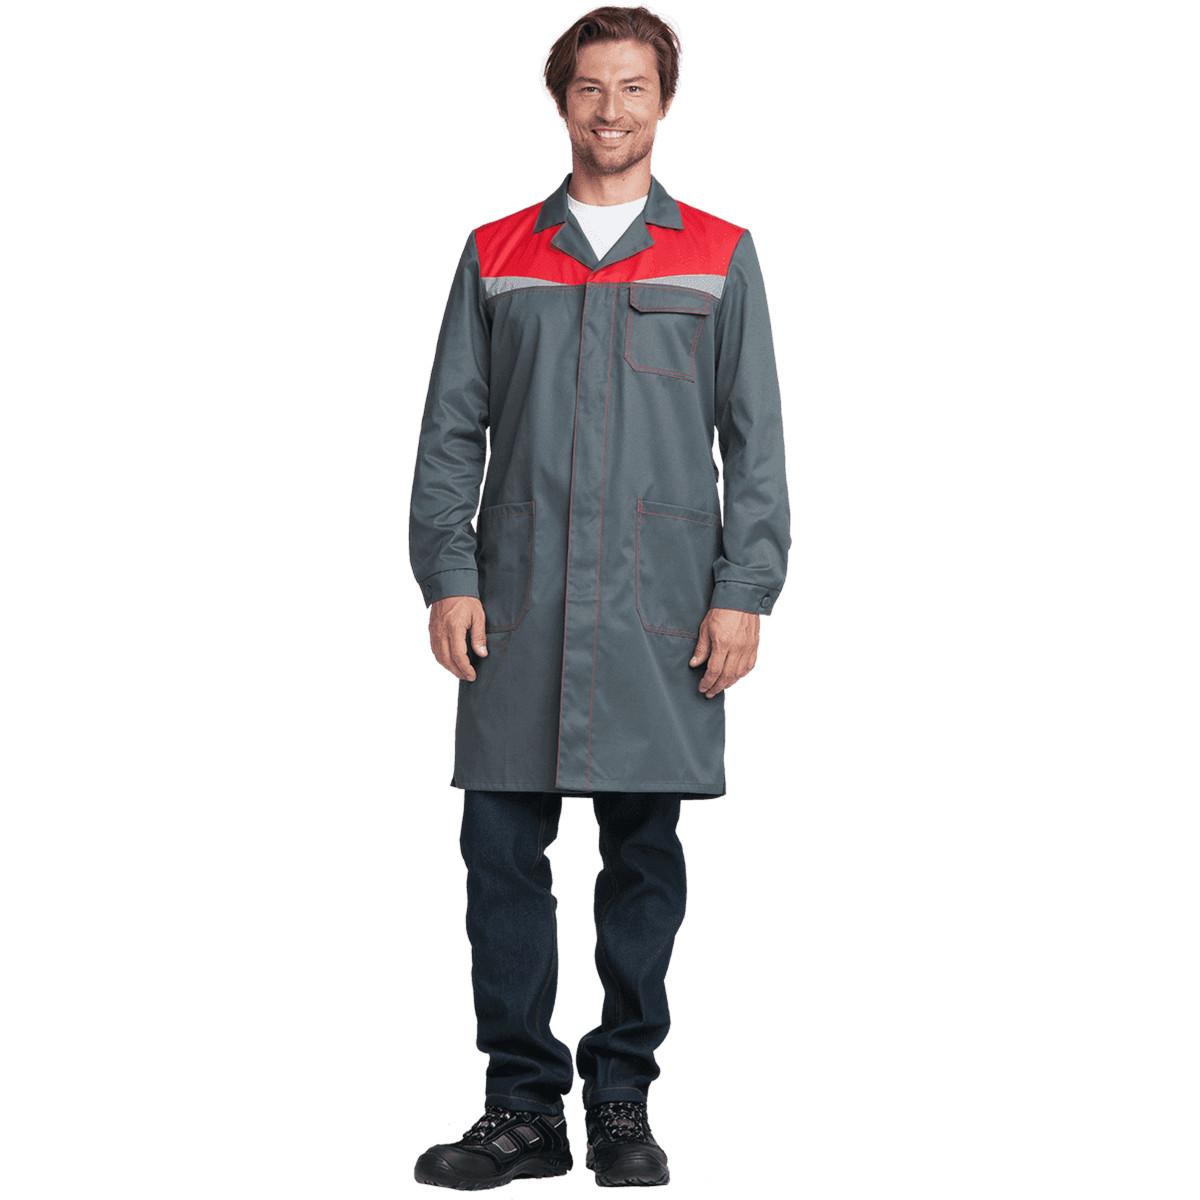 Халат КМ-10 ЛЮКС серый-красный (разм. 96-100 рост 158-164)